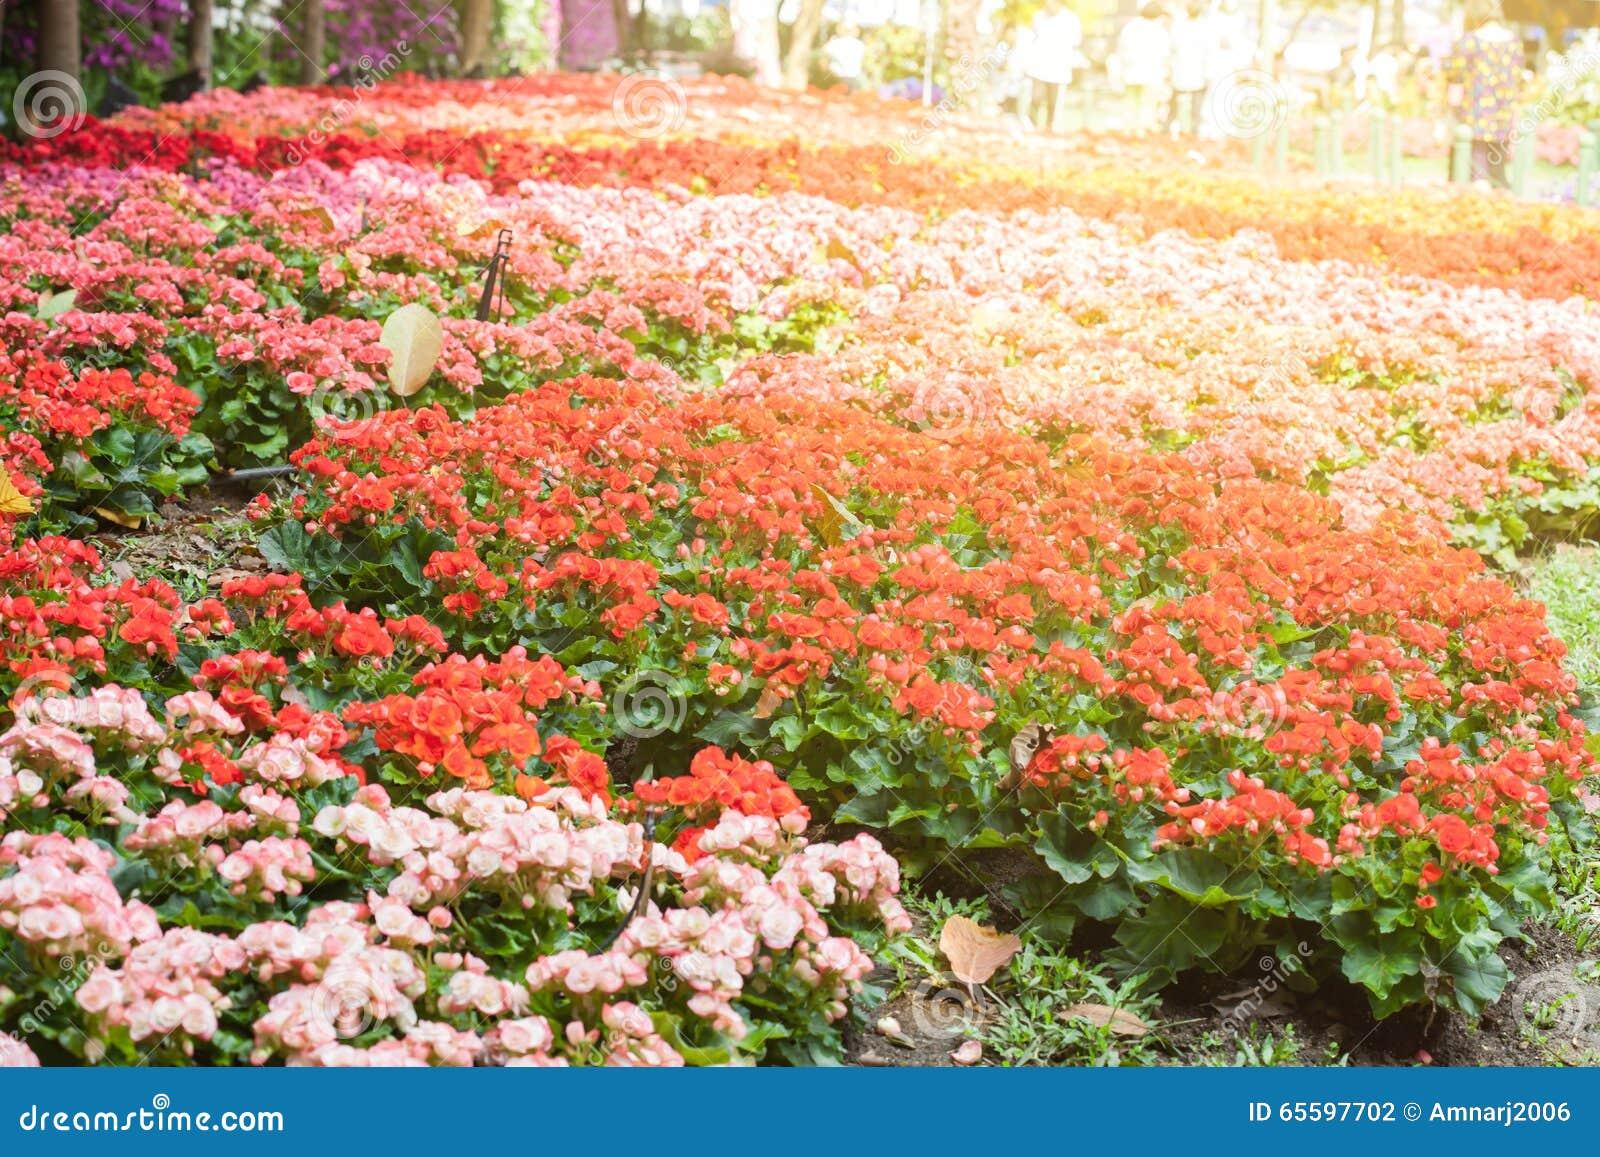 Flower Of Begonia Garden Stock Photo Image Of Arrangement 65597702